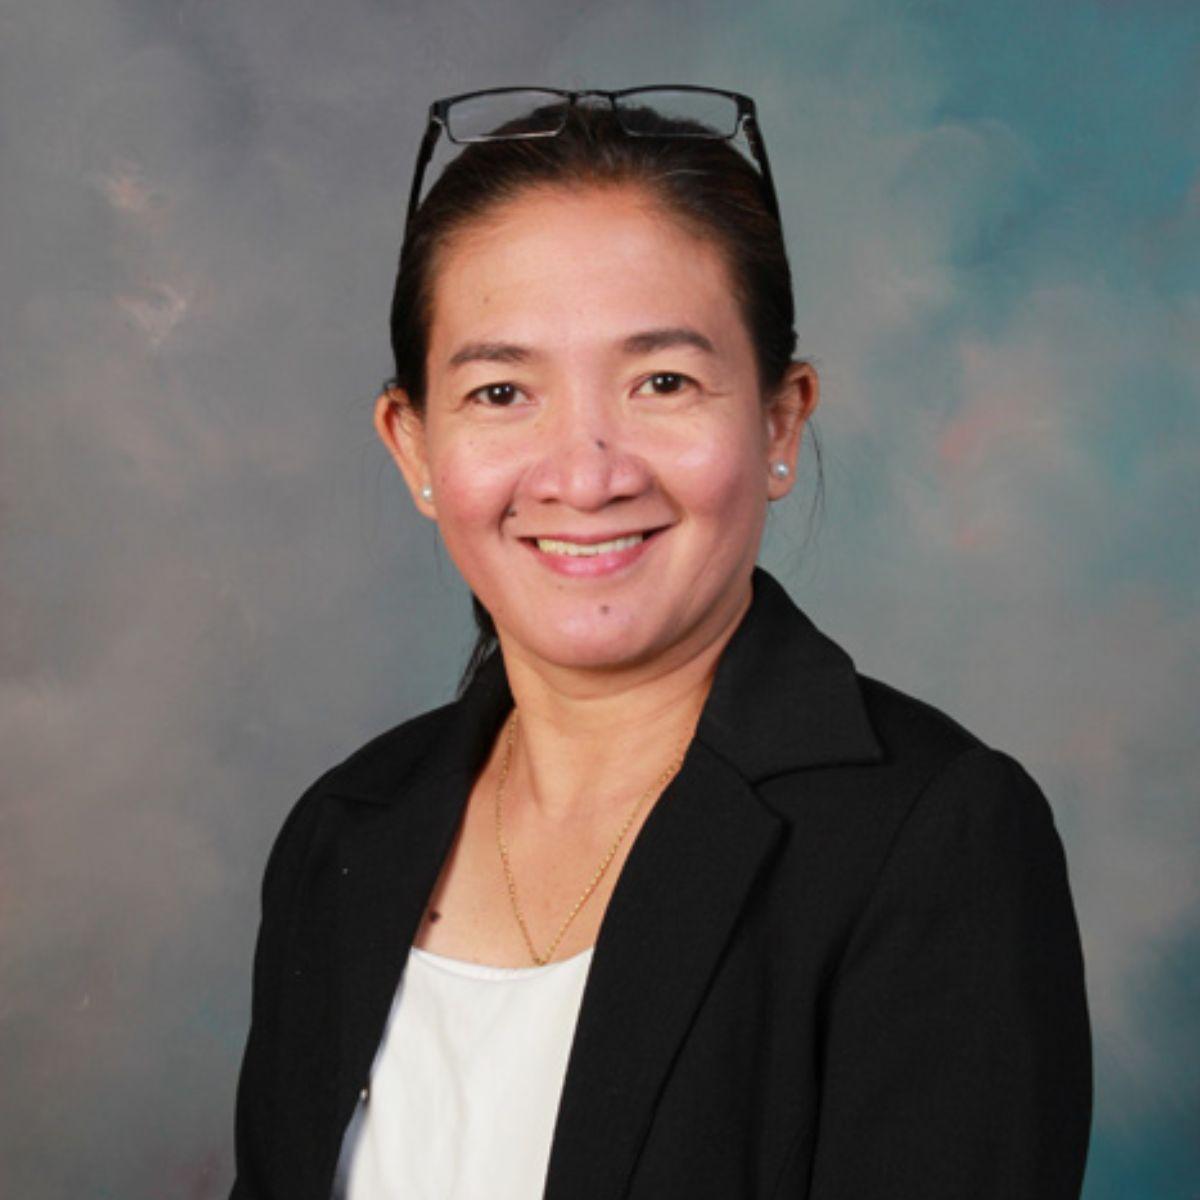 Ms M. Flores